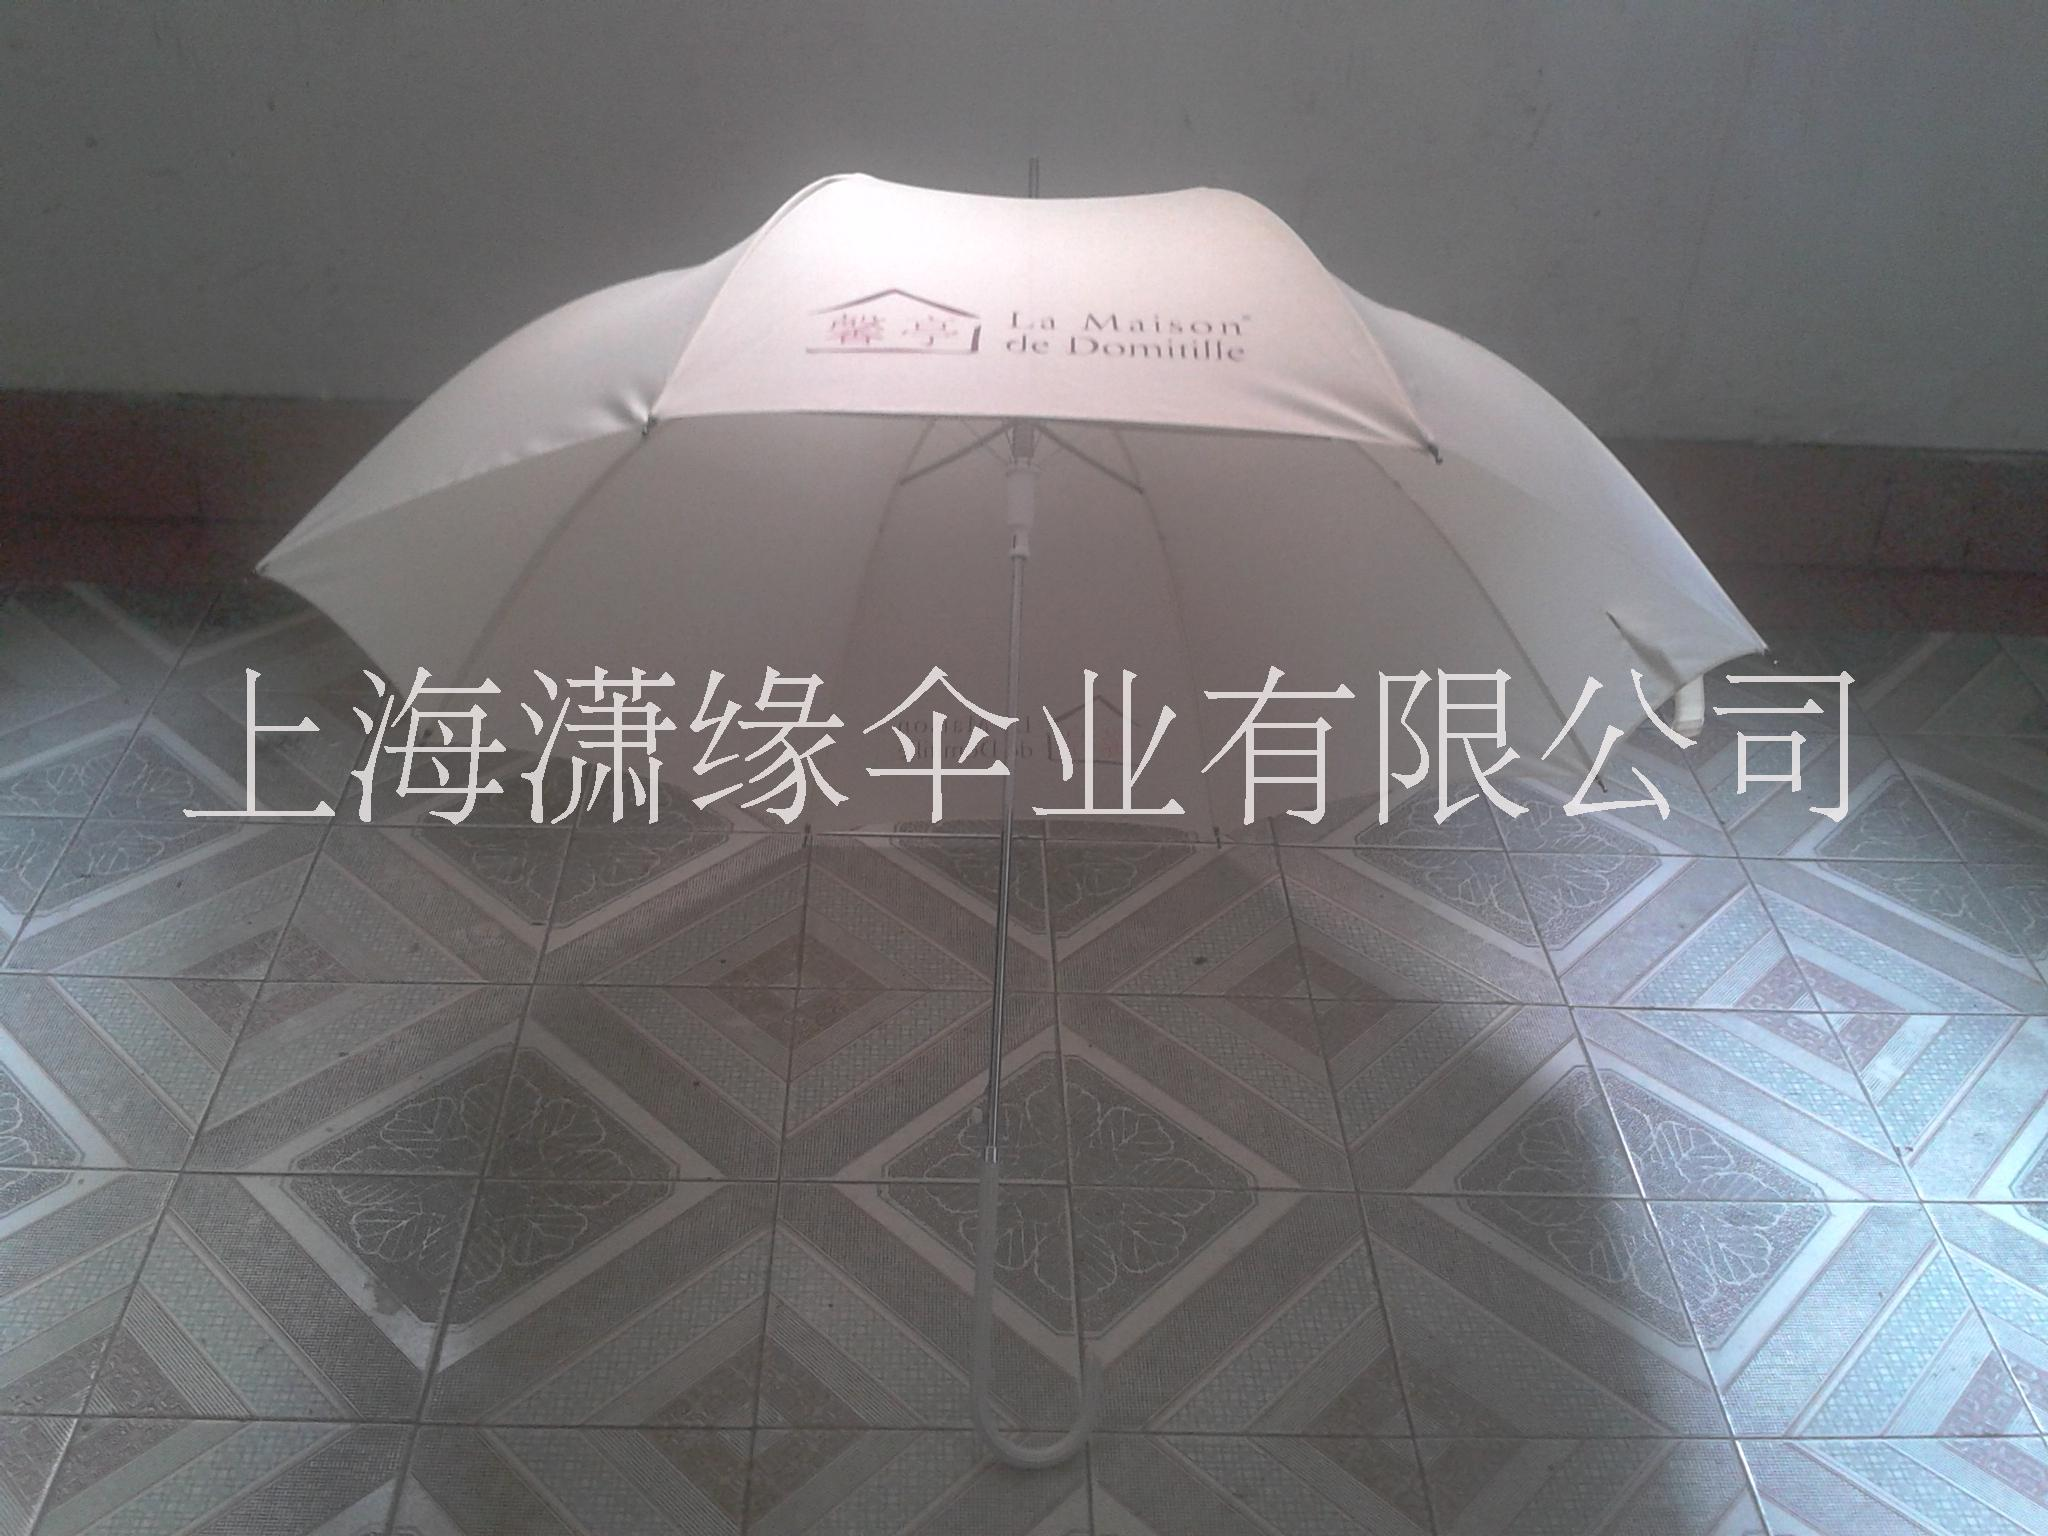 铁杆广告伞 上海铁架广告伞 金属支架礼品雨伞